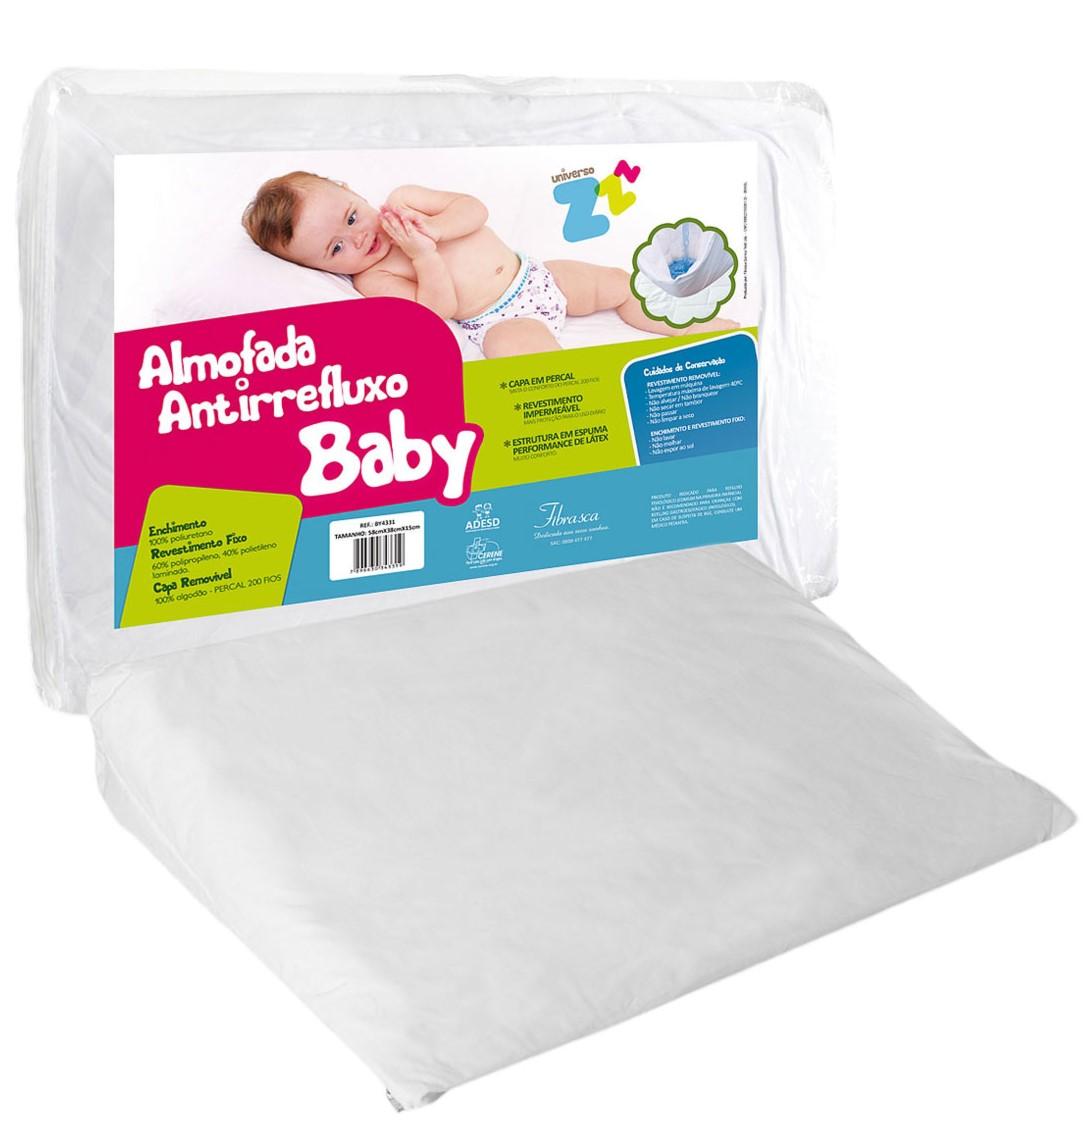 Almofada Anti Refluxo Baby Fibrasca